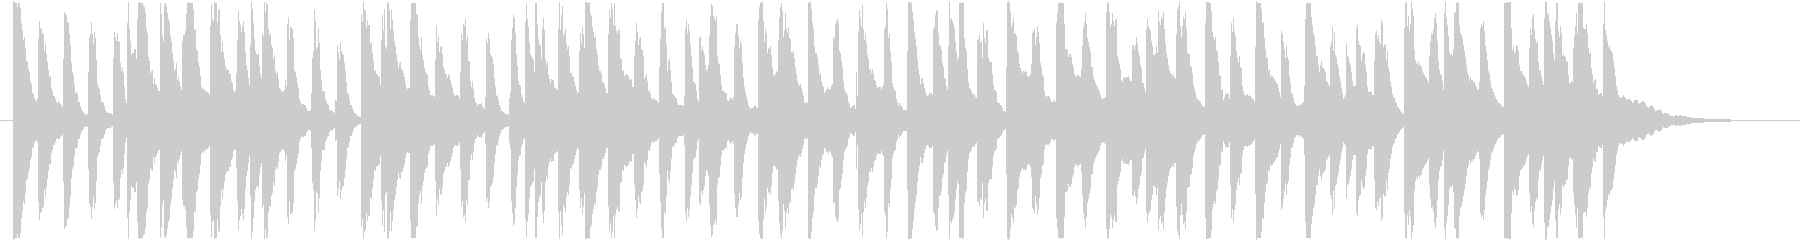 楽しくコミカルなBGM(30秒ver)の未再生の波形